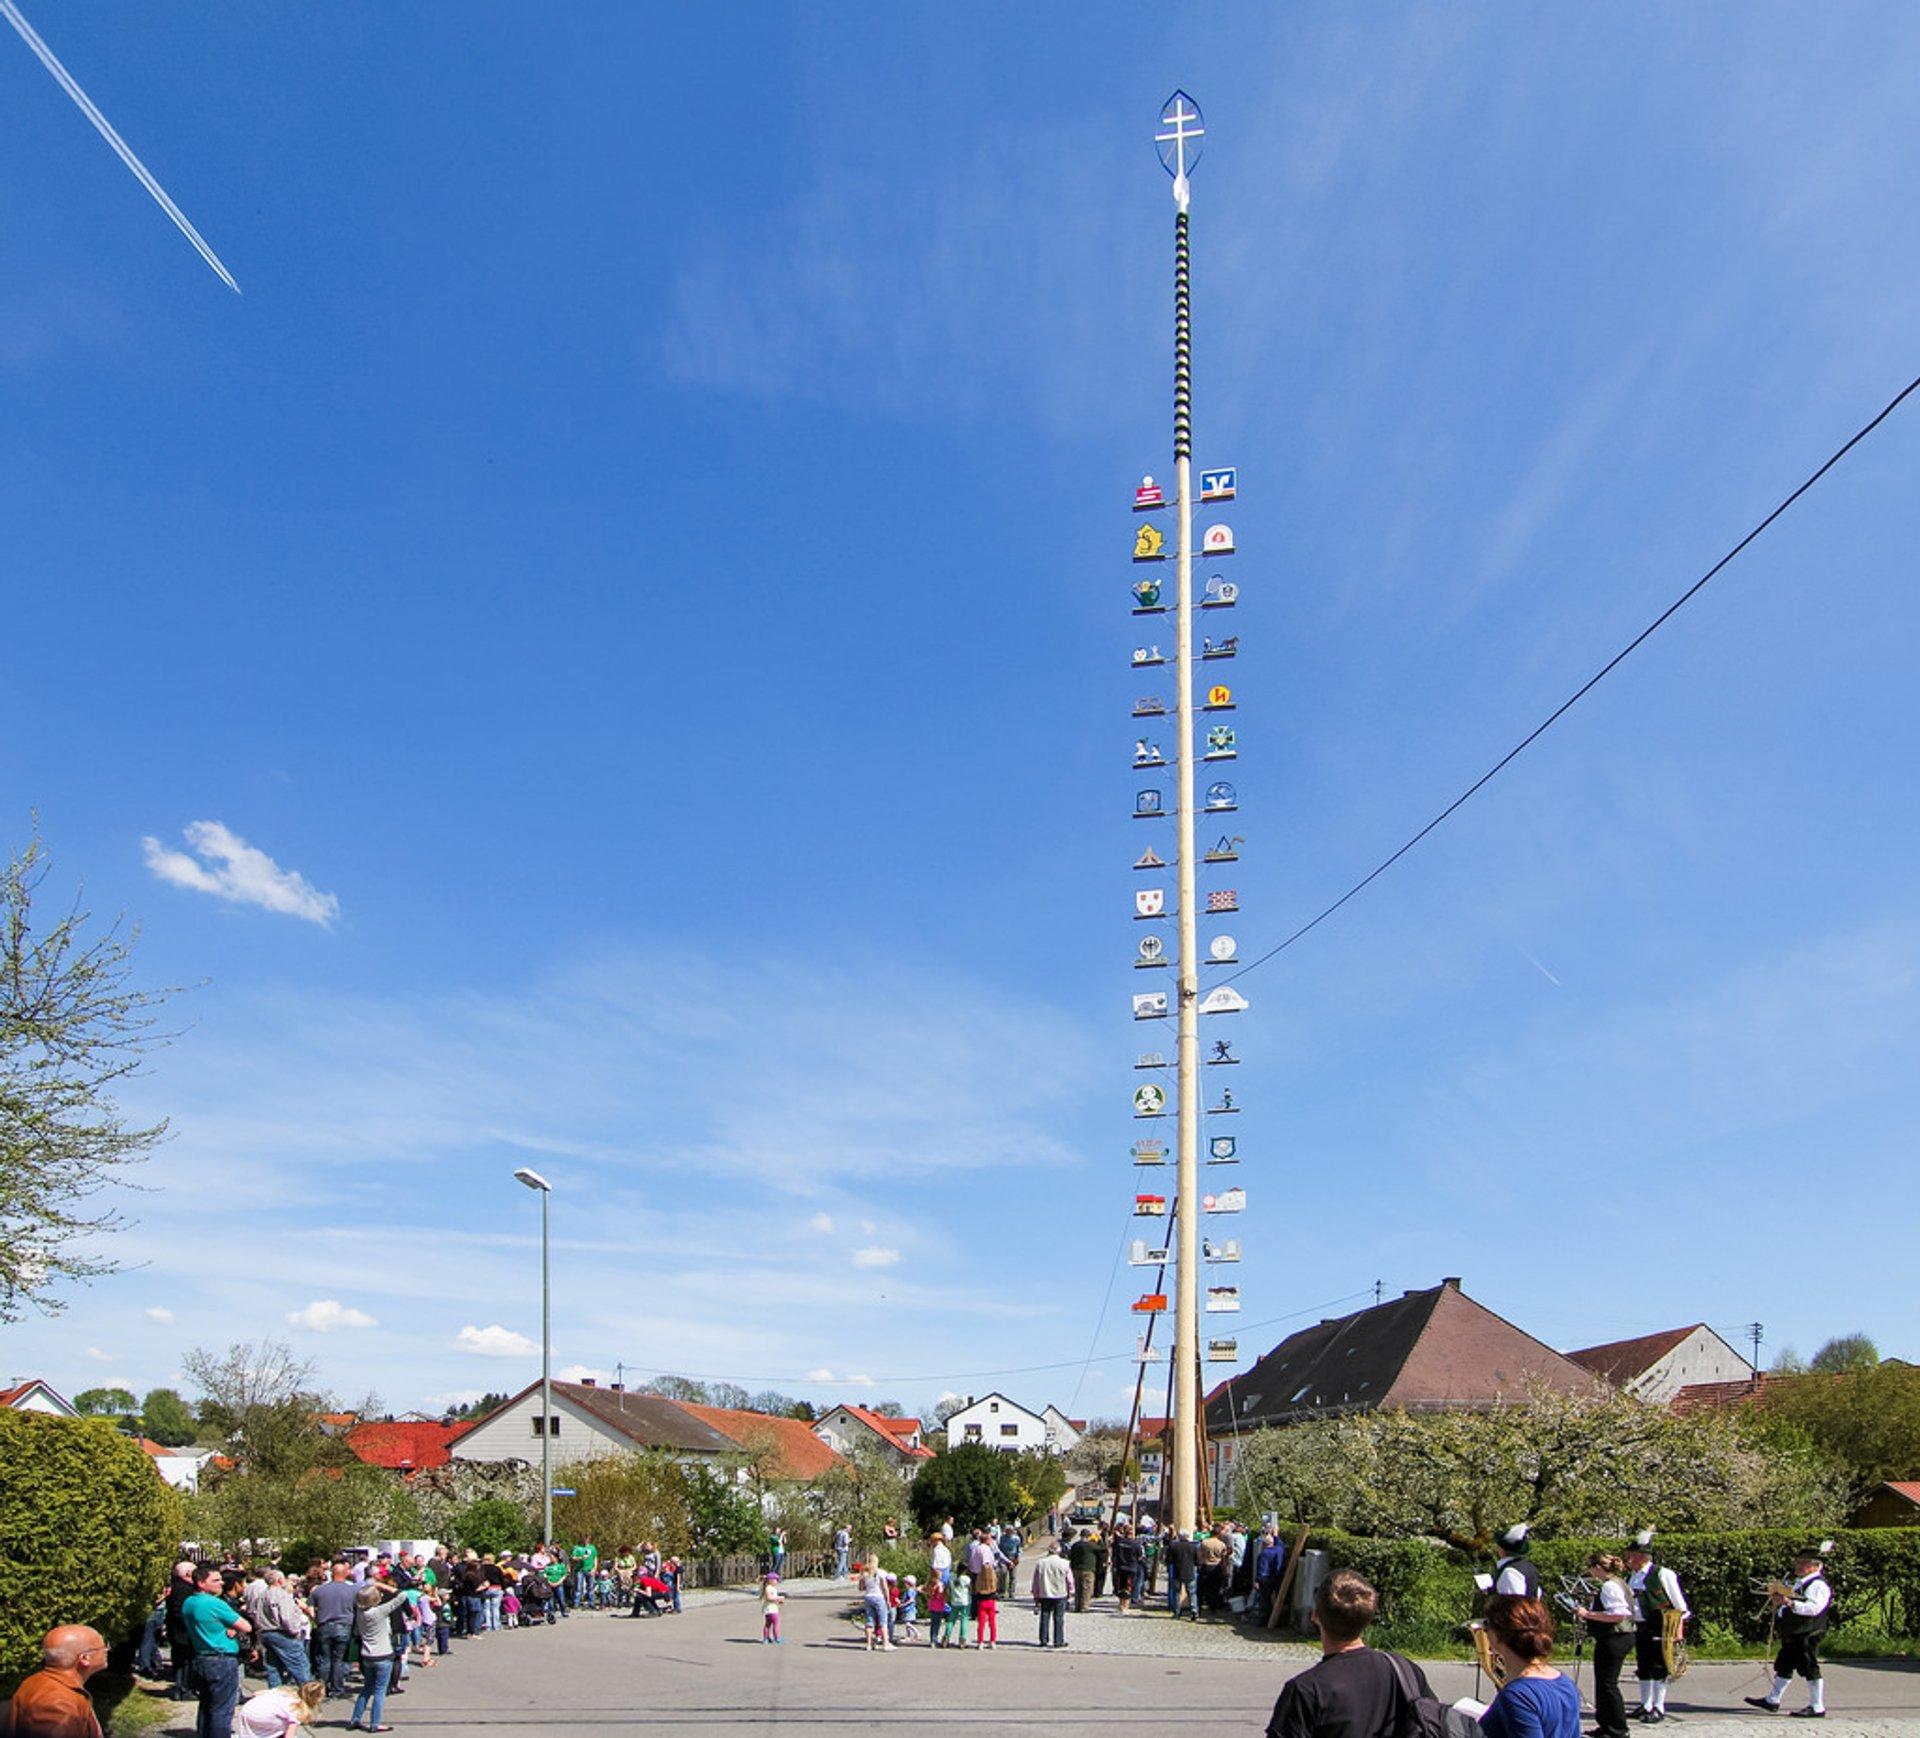 Maibaumaufstellen (May Day Festival) in Bavaria 2020 - Best Time